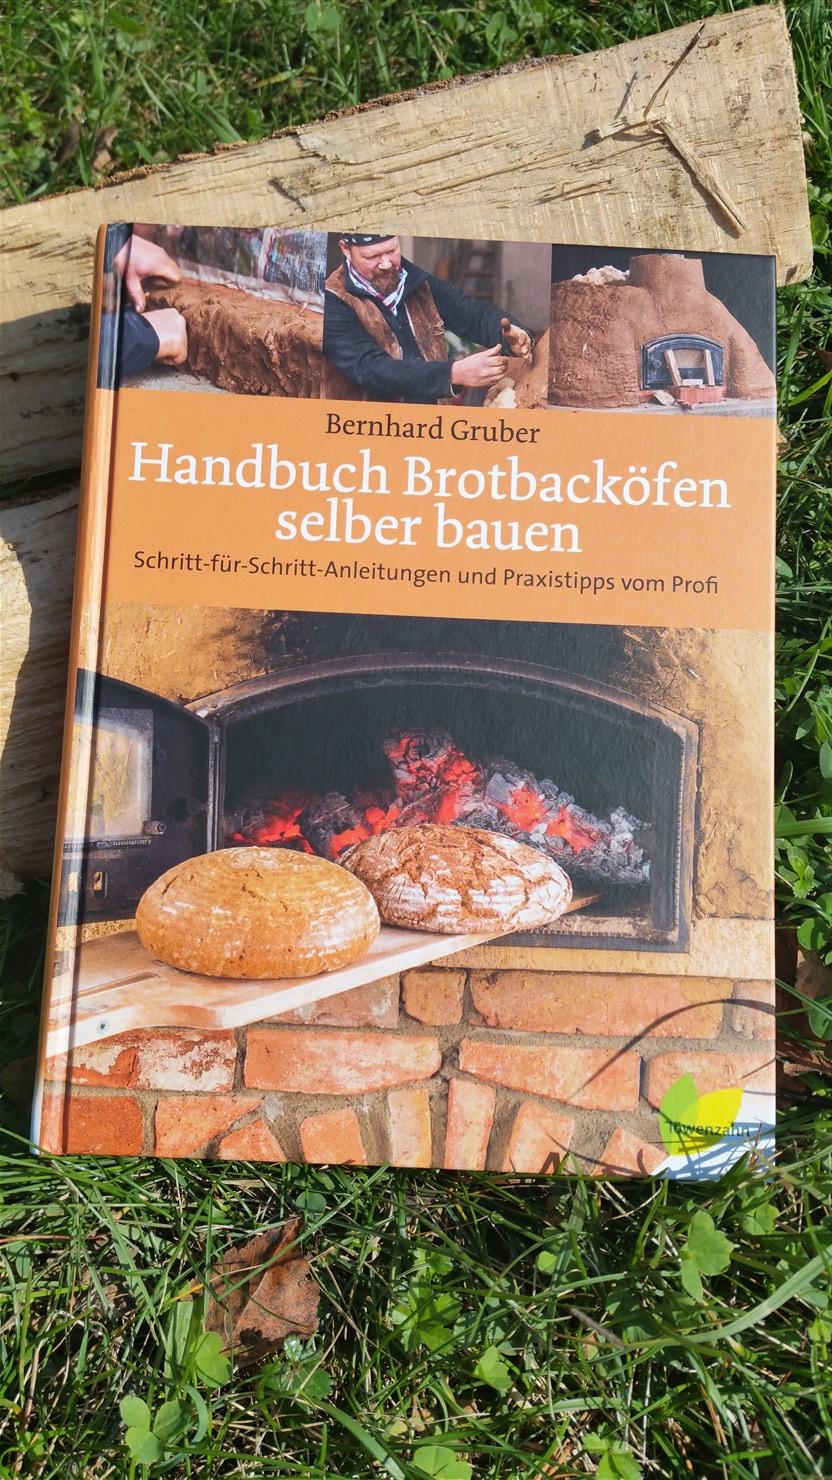 Einen Holzbackofen selber bauen - dieses Buch hilft dabei!